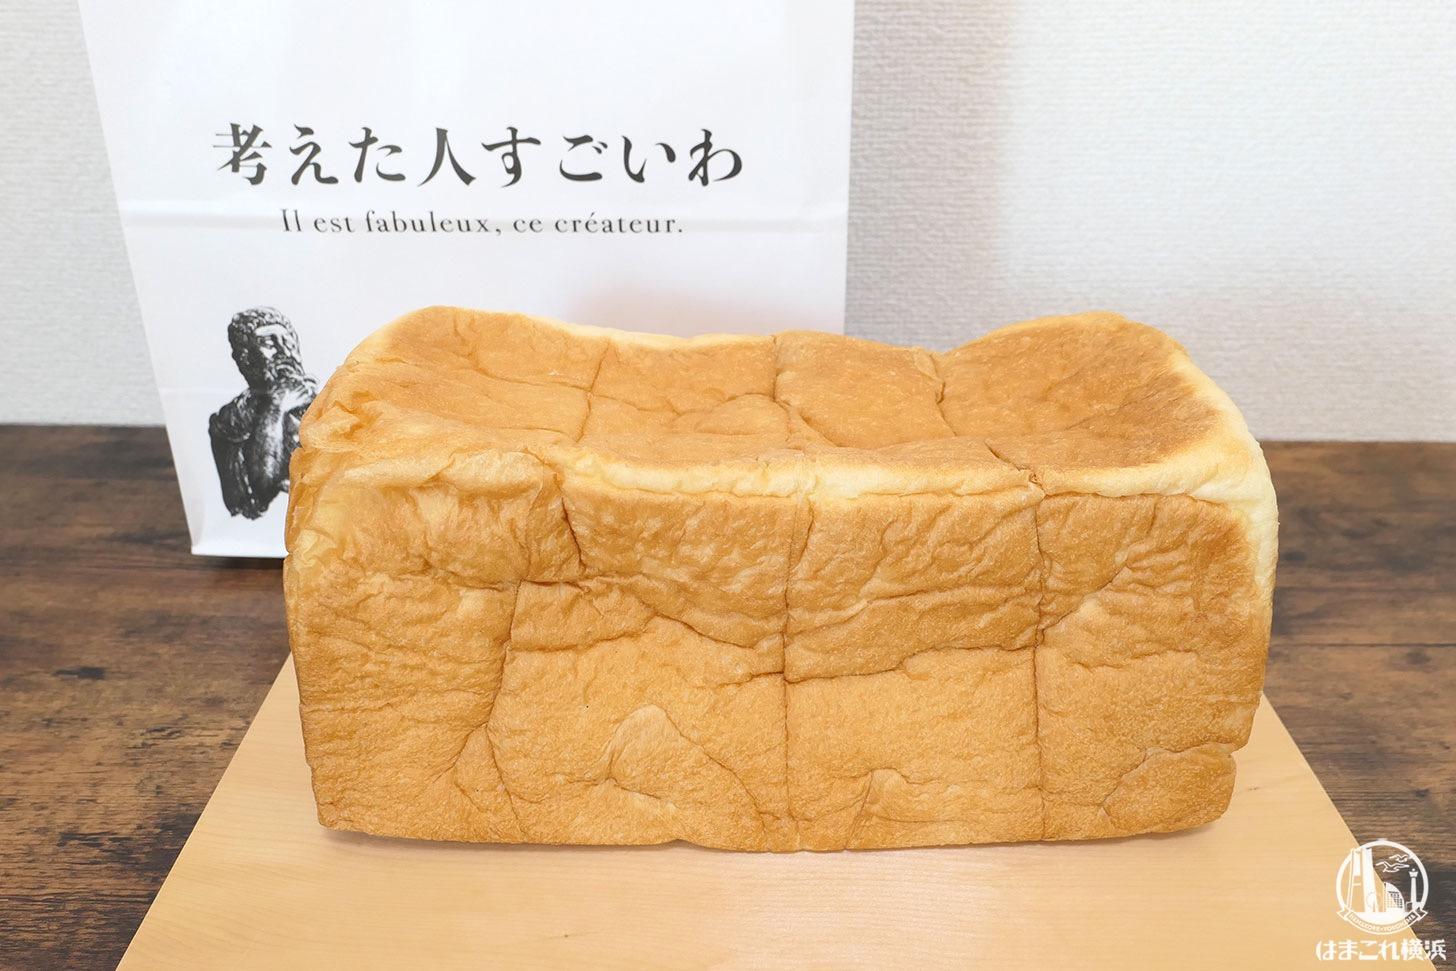 購入した高級食パン「魂仕込」